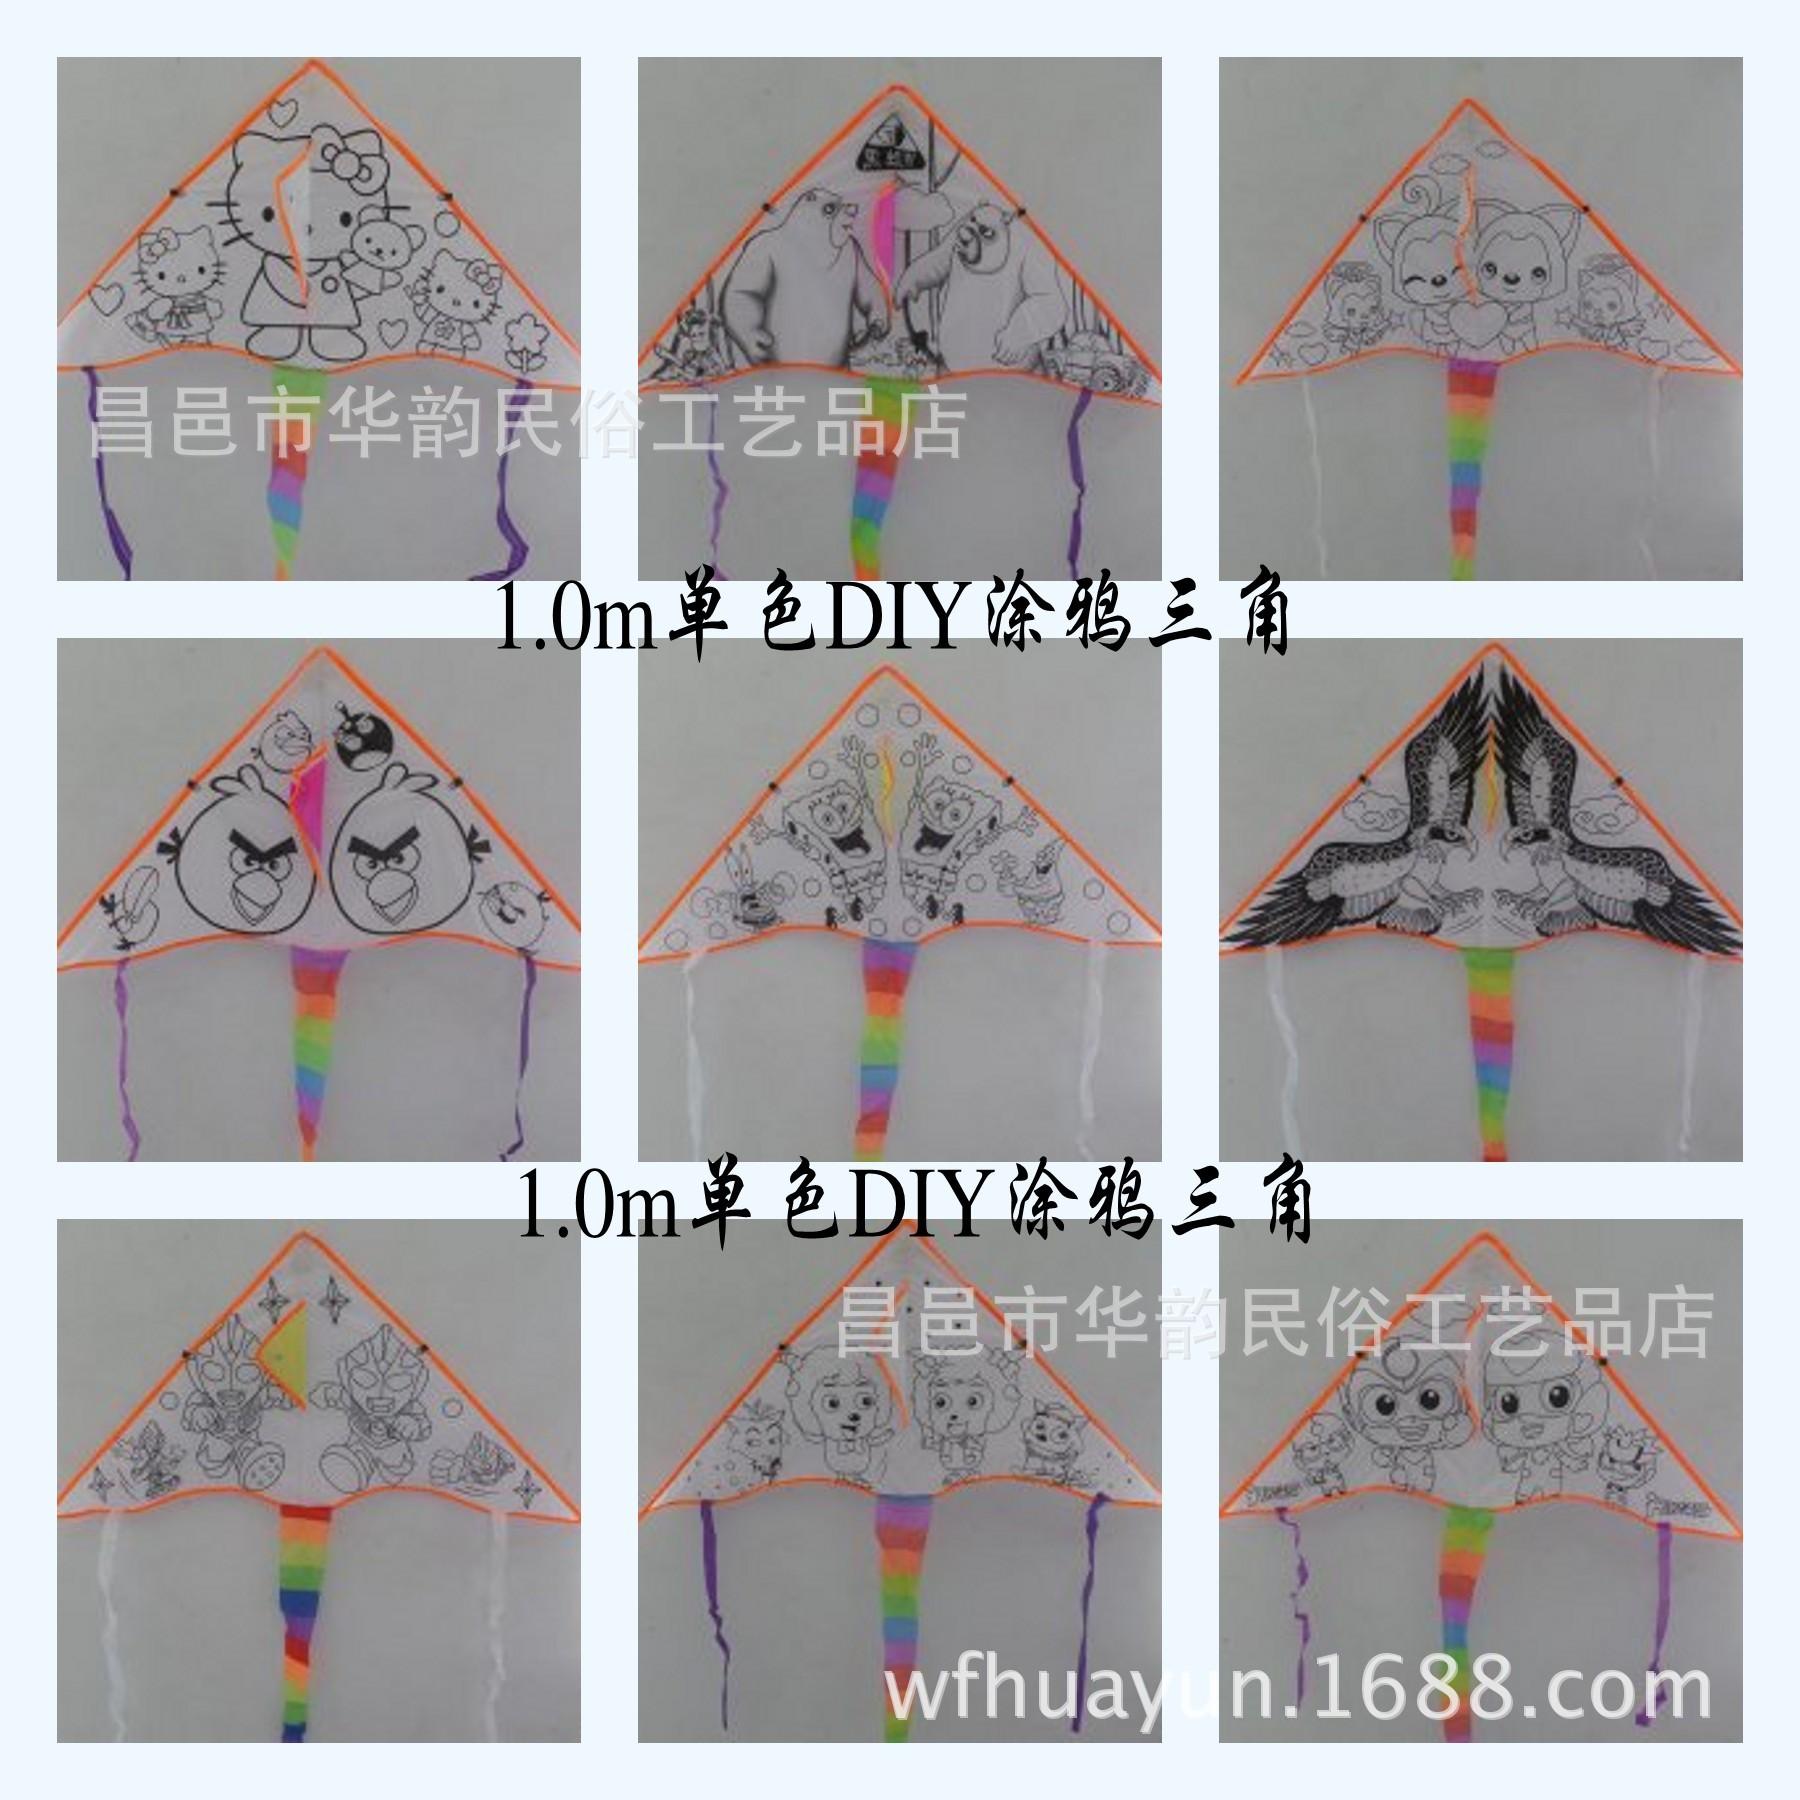 儿童DIY涂鸦三角风筝 带底纹线稿卡通图案 空白亲子教学风筝